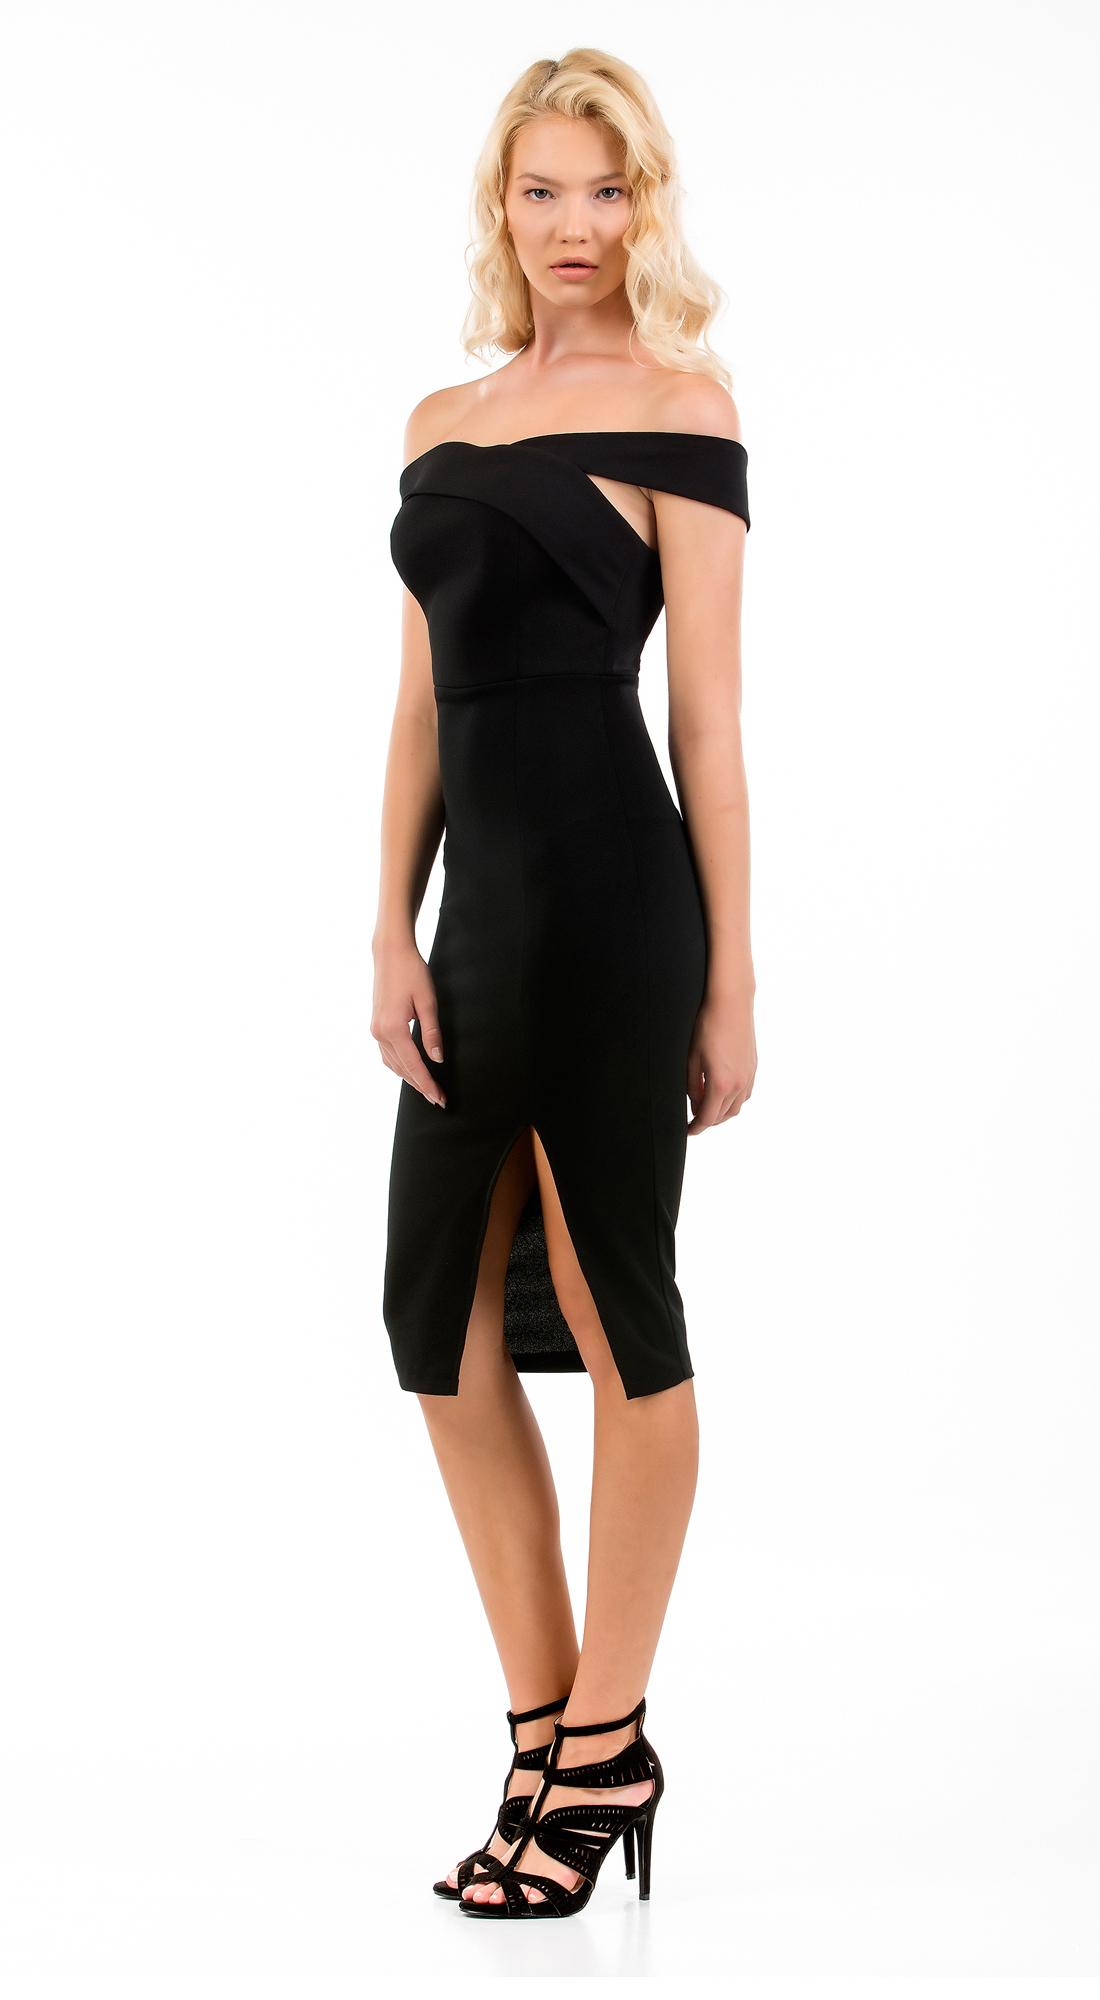 Μίντι Φόρεμα Online με σκίσιμο μπροστά και ελεύθερους ώμους - OEM - FA17ON-54000 φορέματα party φορέματα